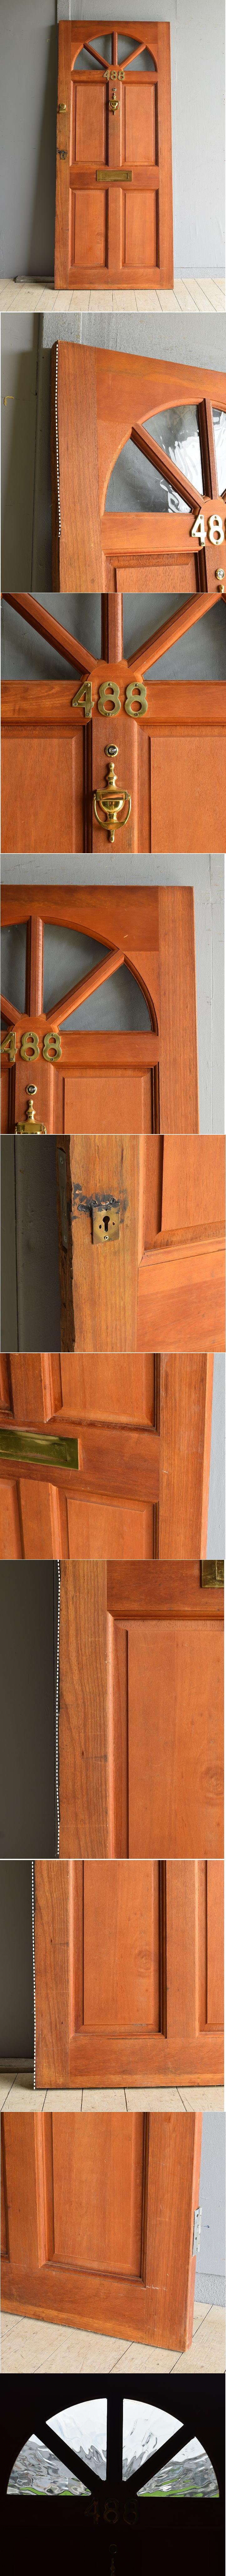 イギリス アンティーク ドア 扉 建具 8064